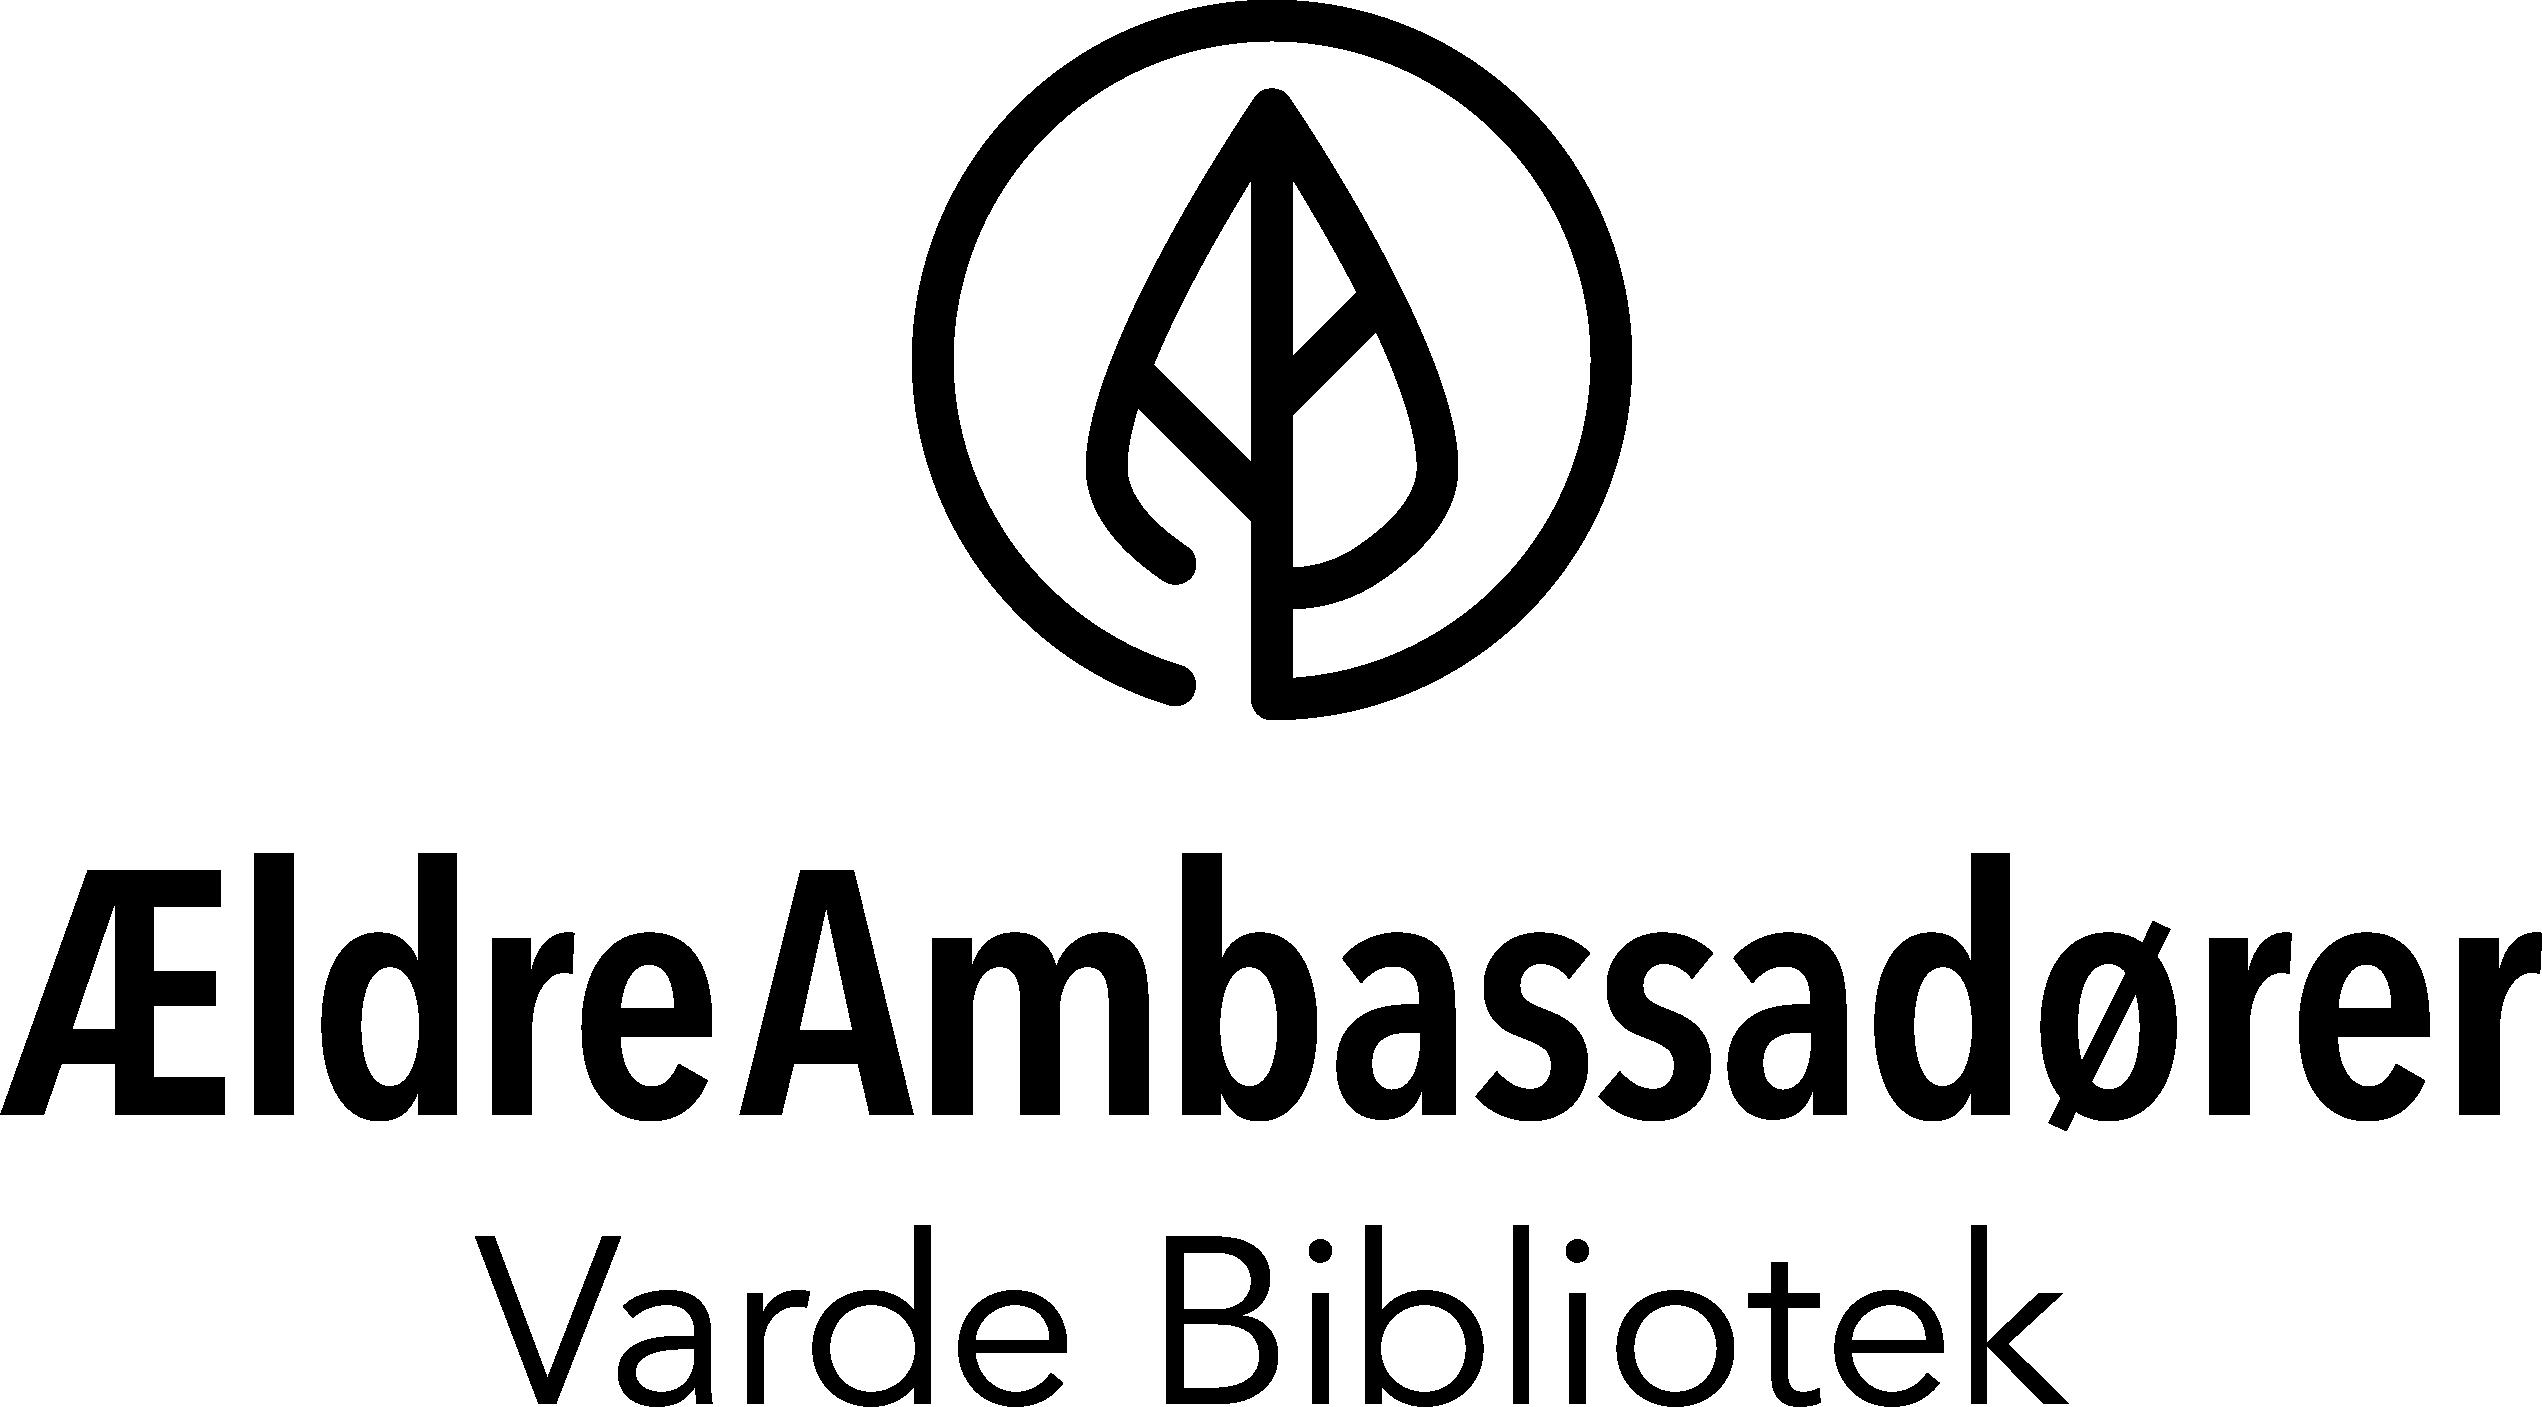 Logo for ÆldreAmbassadører.